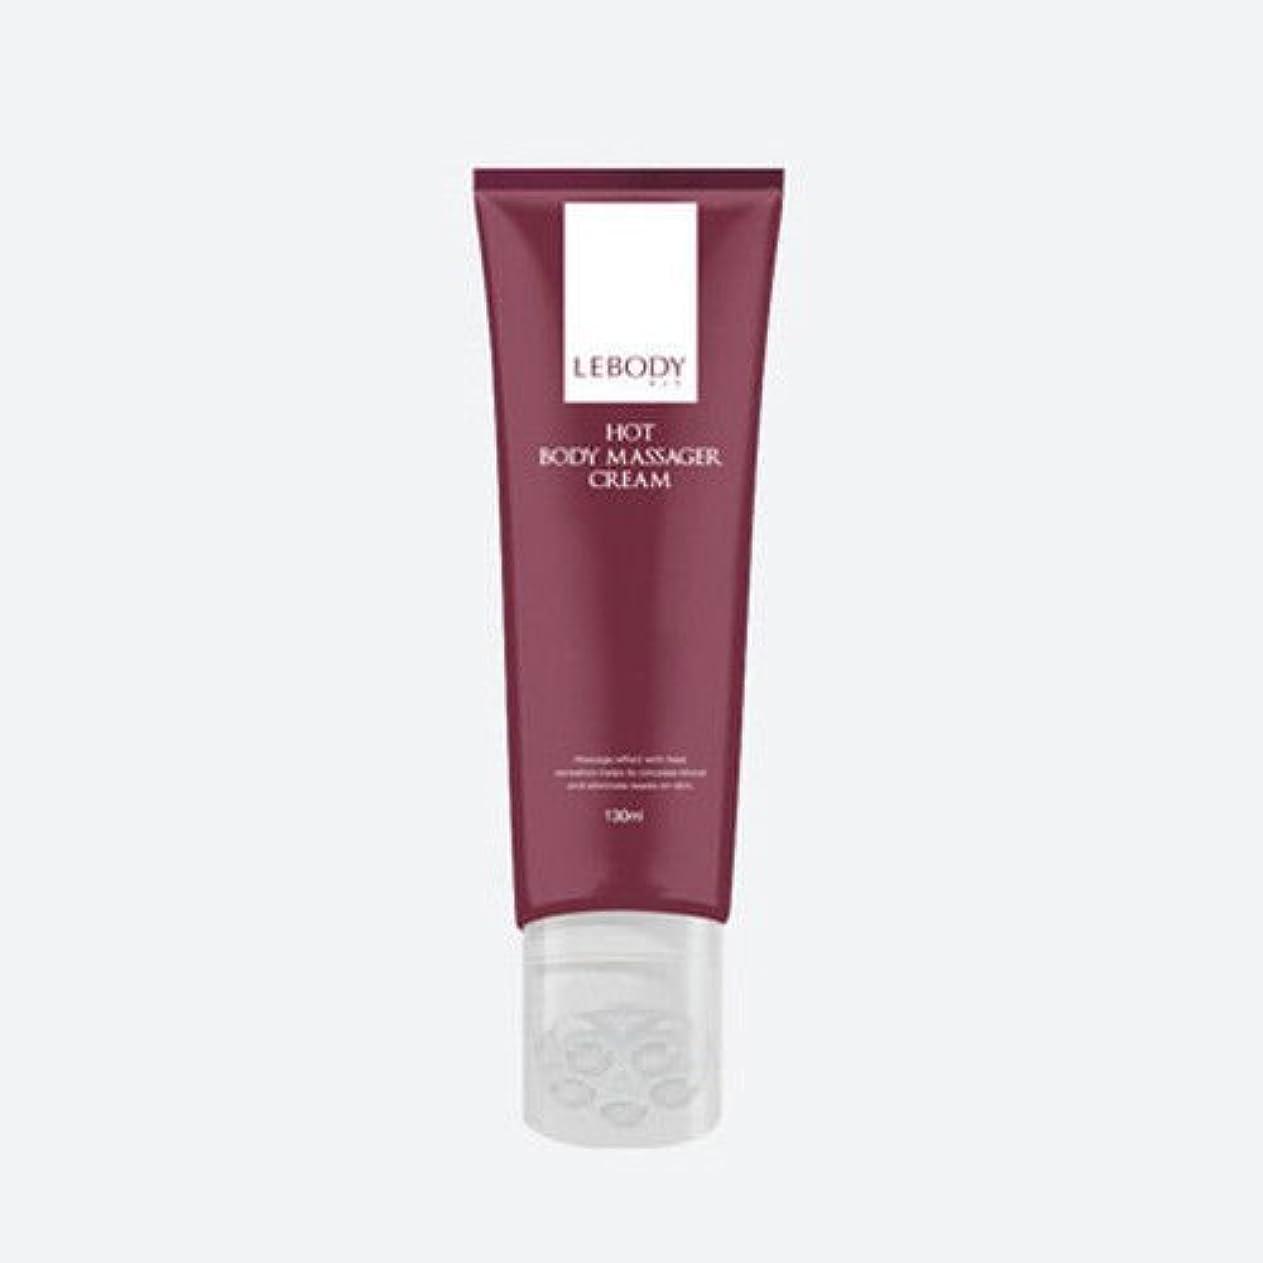 発動機機会常識[並行輸入品] LEBODYレボディフィットホットボディマッサージクリーム130ml / LEBODY Fit Hot Body Massager Cream 130ml